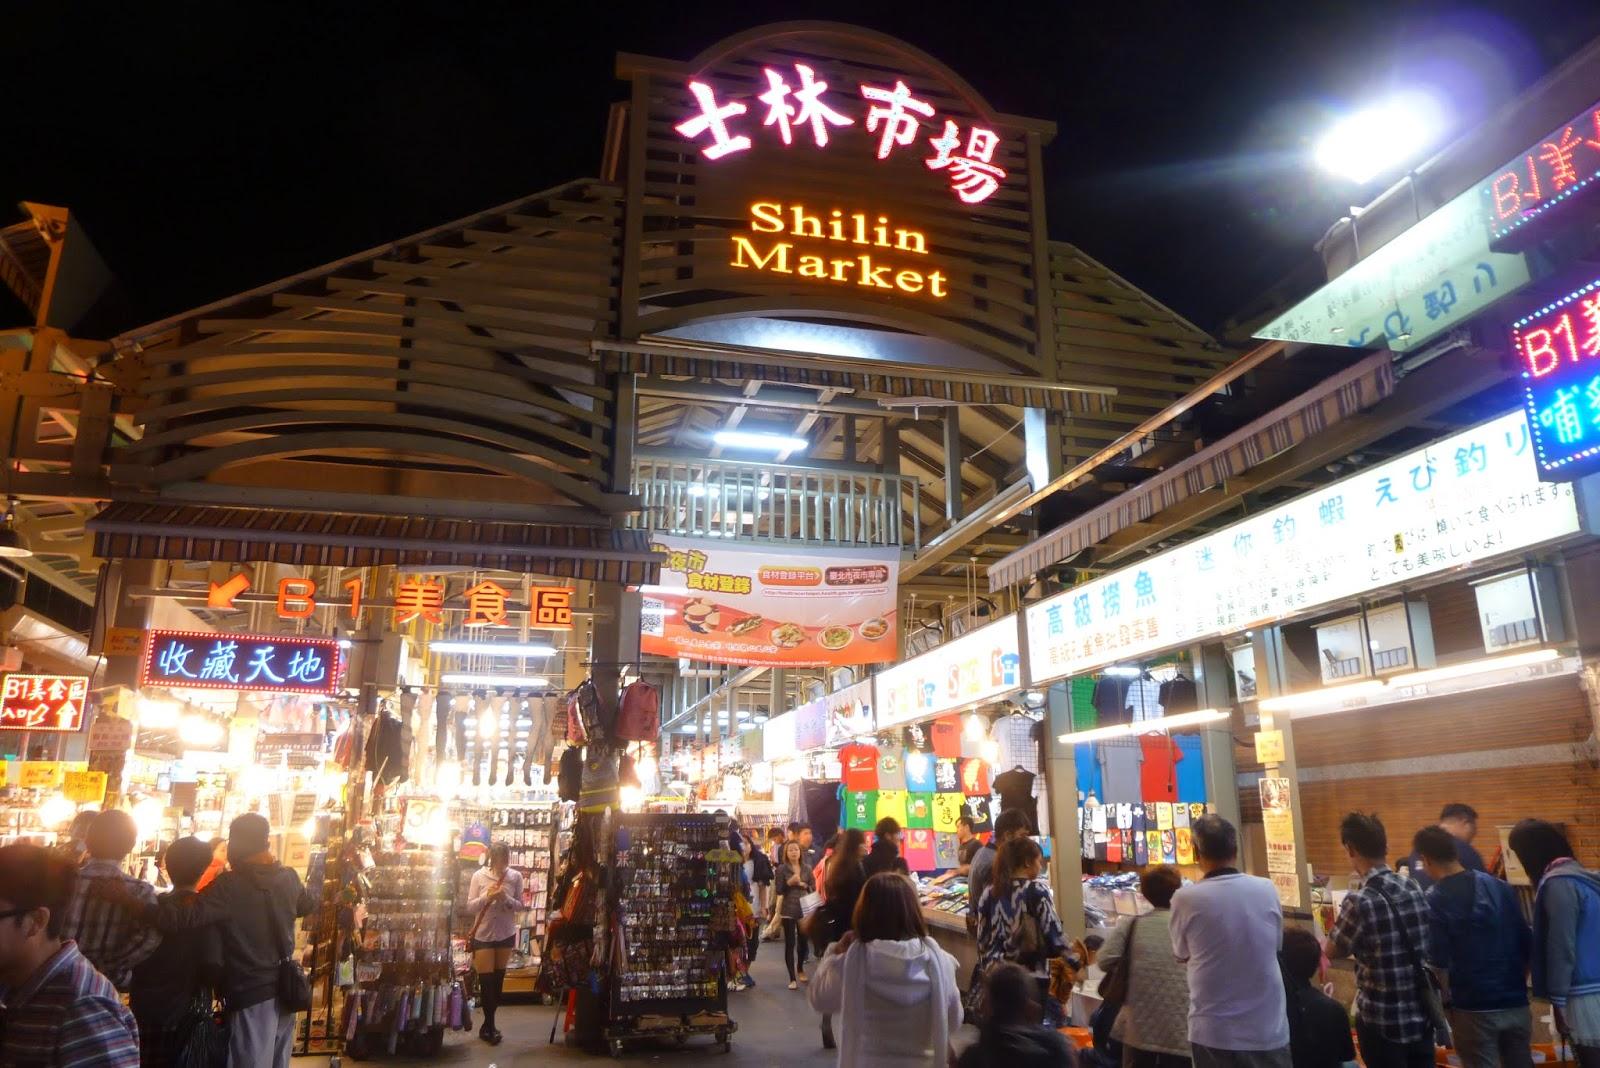 cho dem Shilin dai bac